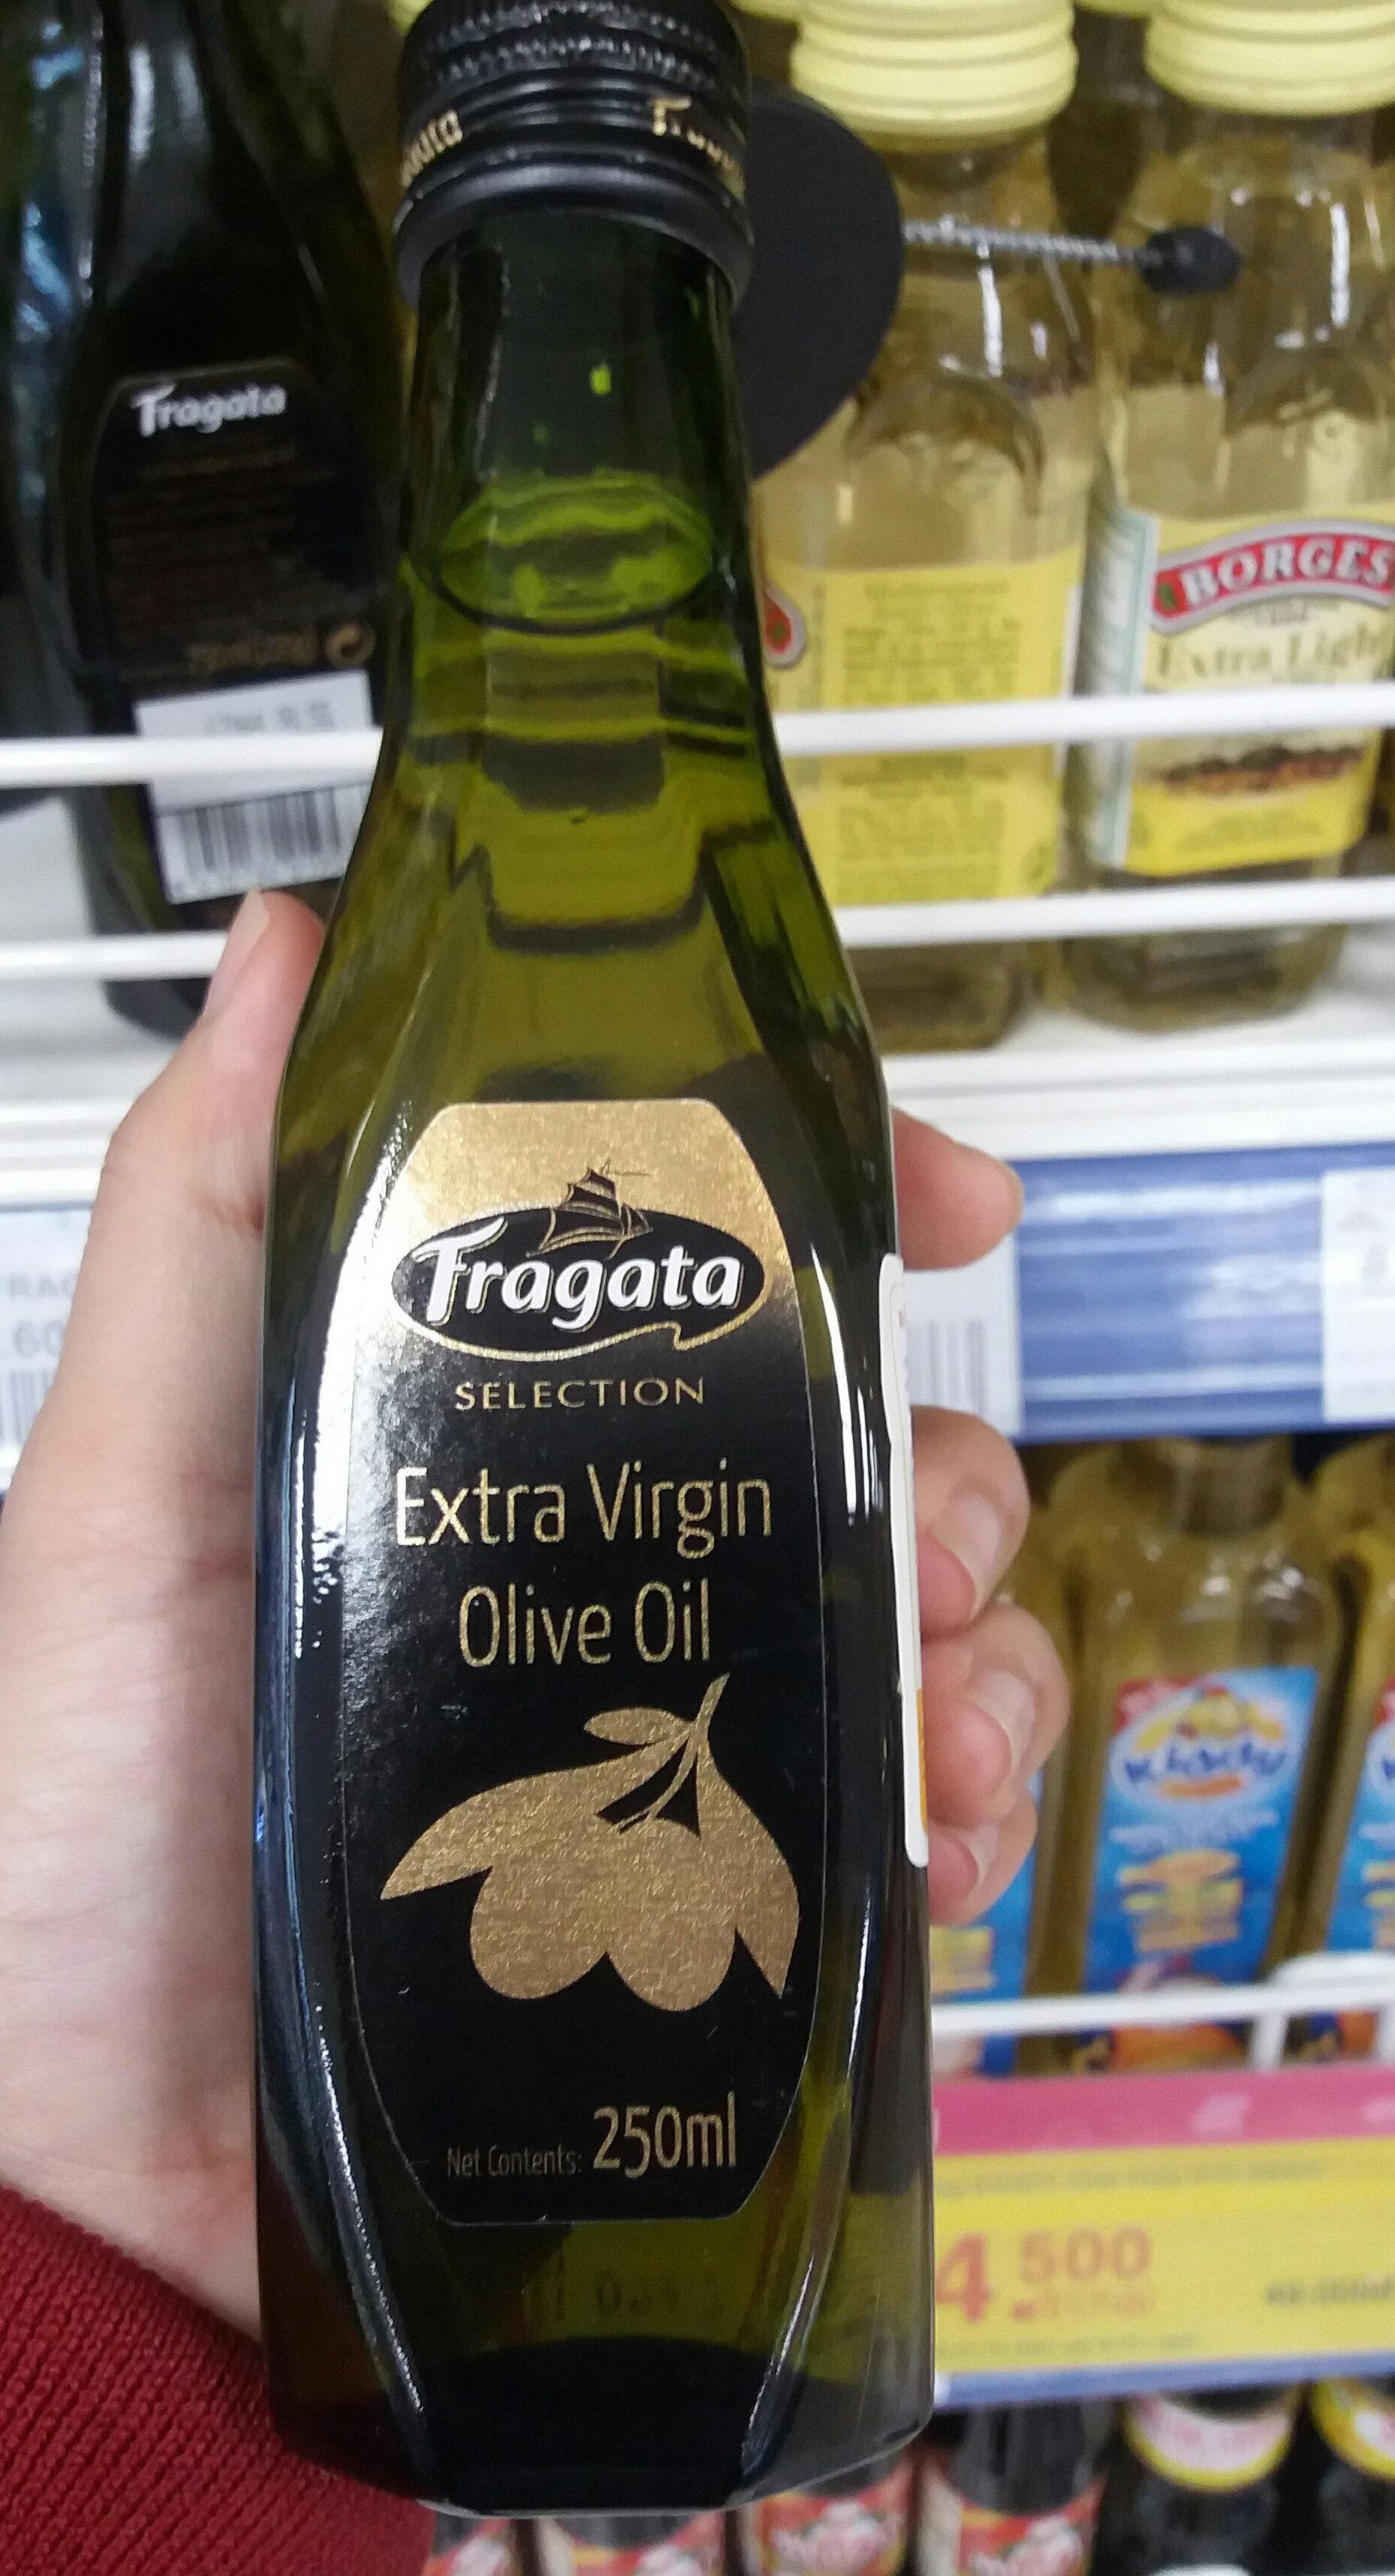 extra virgin olive oil - Sản phẩm - en